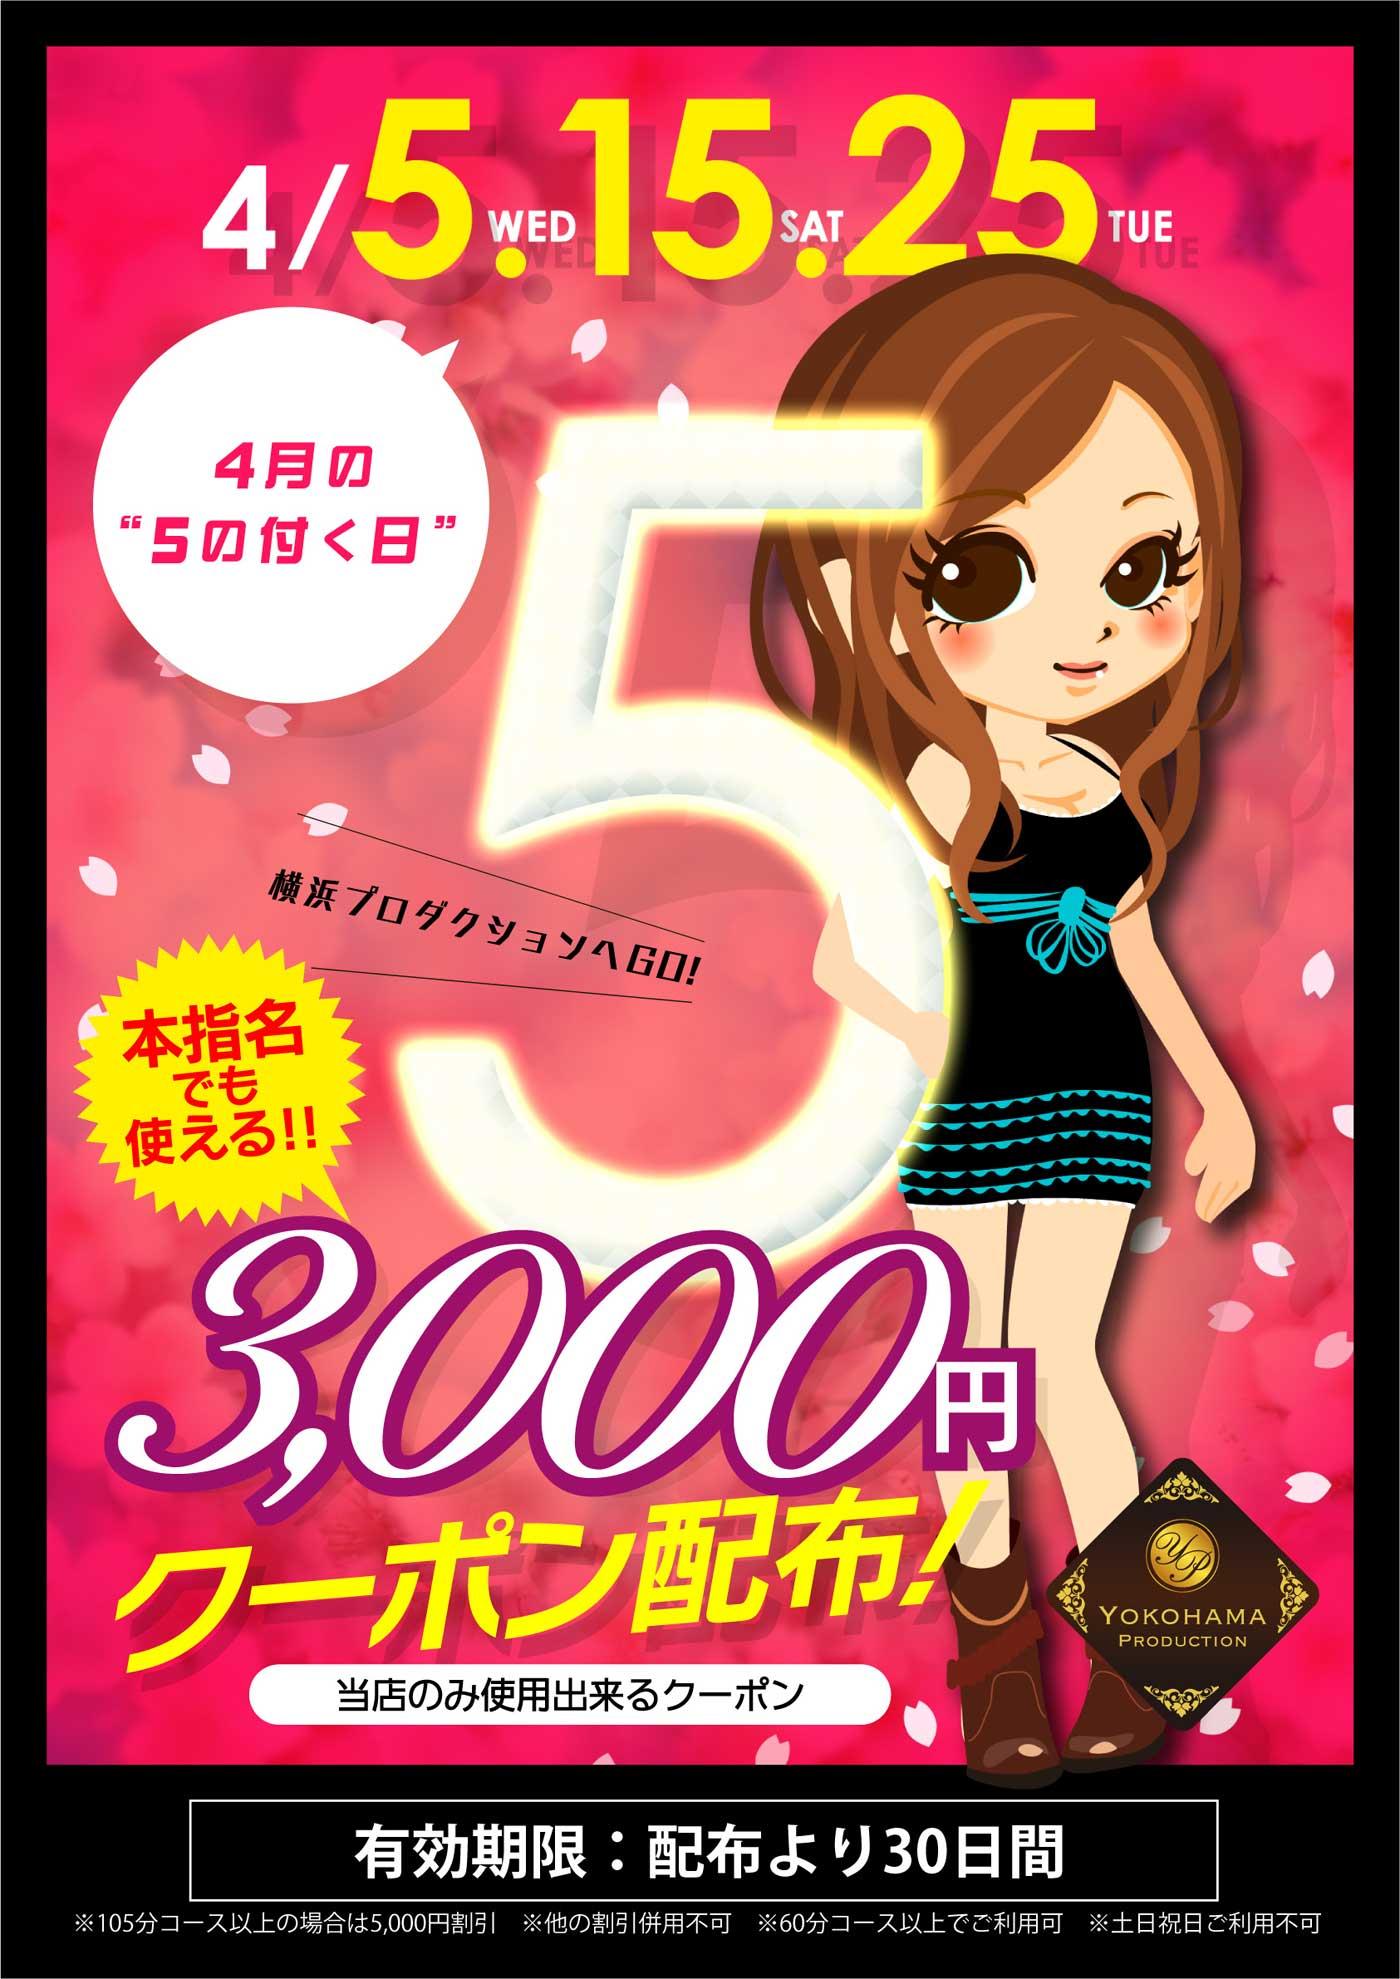 5のつく日はSpecial Coupon DAY!!